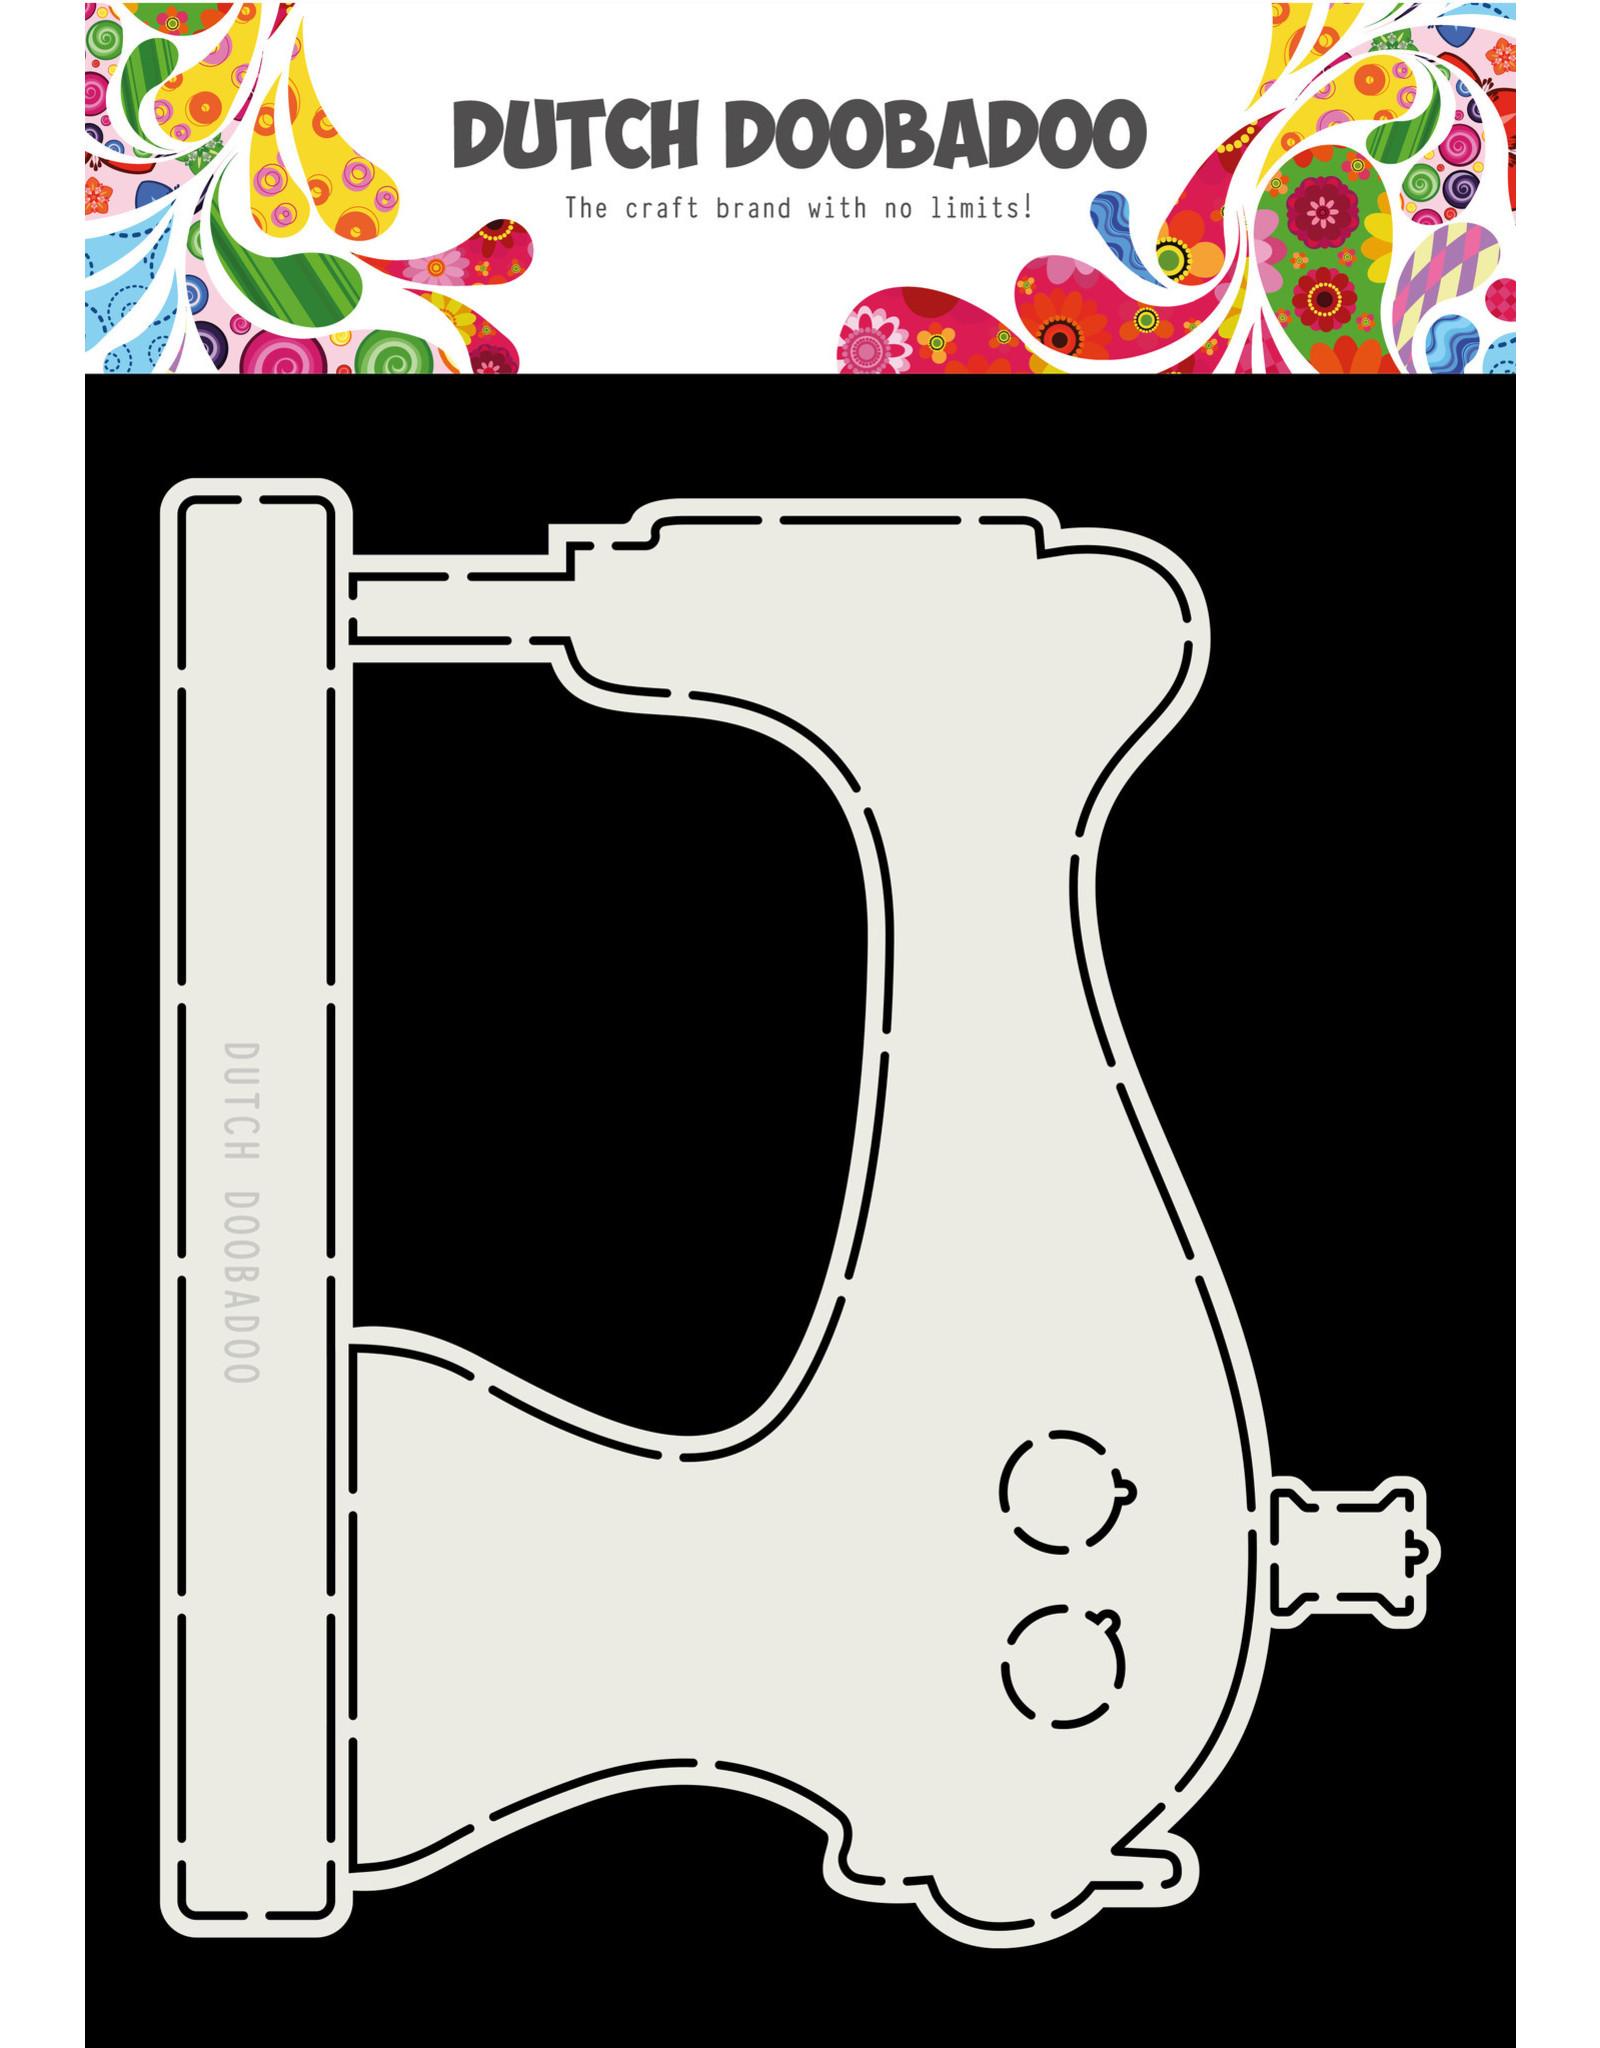 Dutch Doobadoo DDBD Card Art Sewing Machine A5